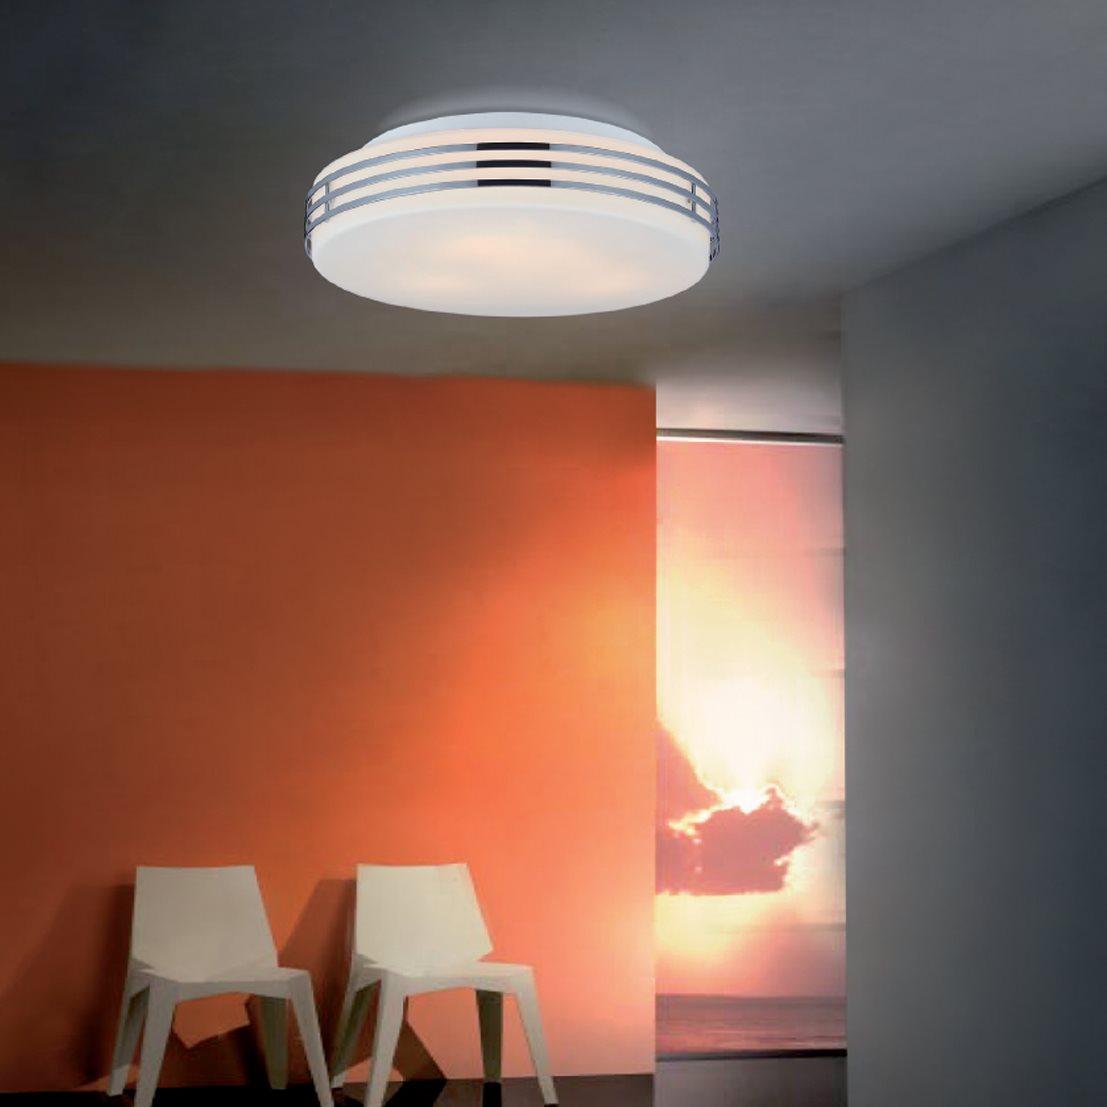 Deckenlampe deckenleuchte dali glasschirm chrom g9 e27 for Deckenlampe e27